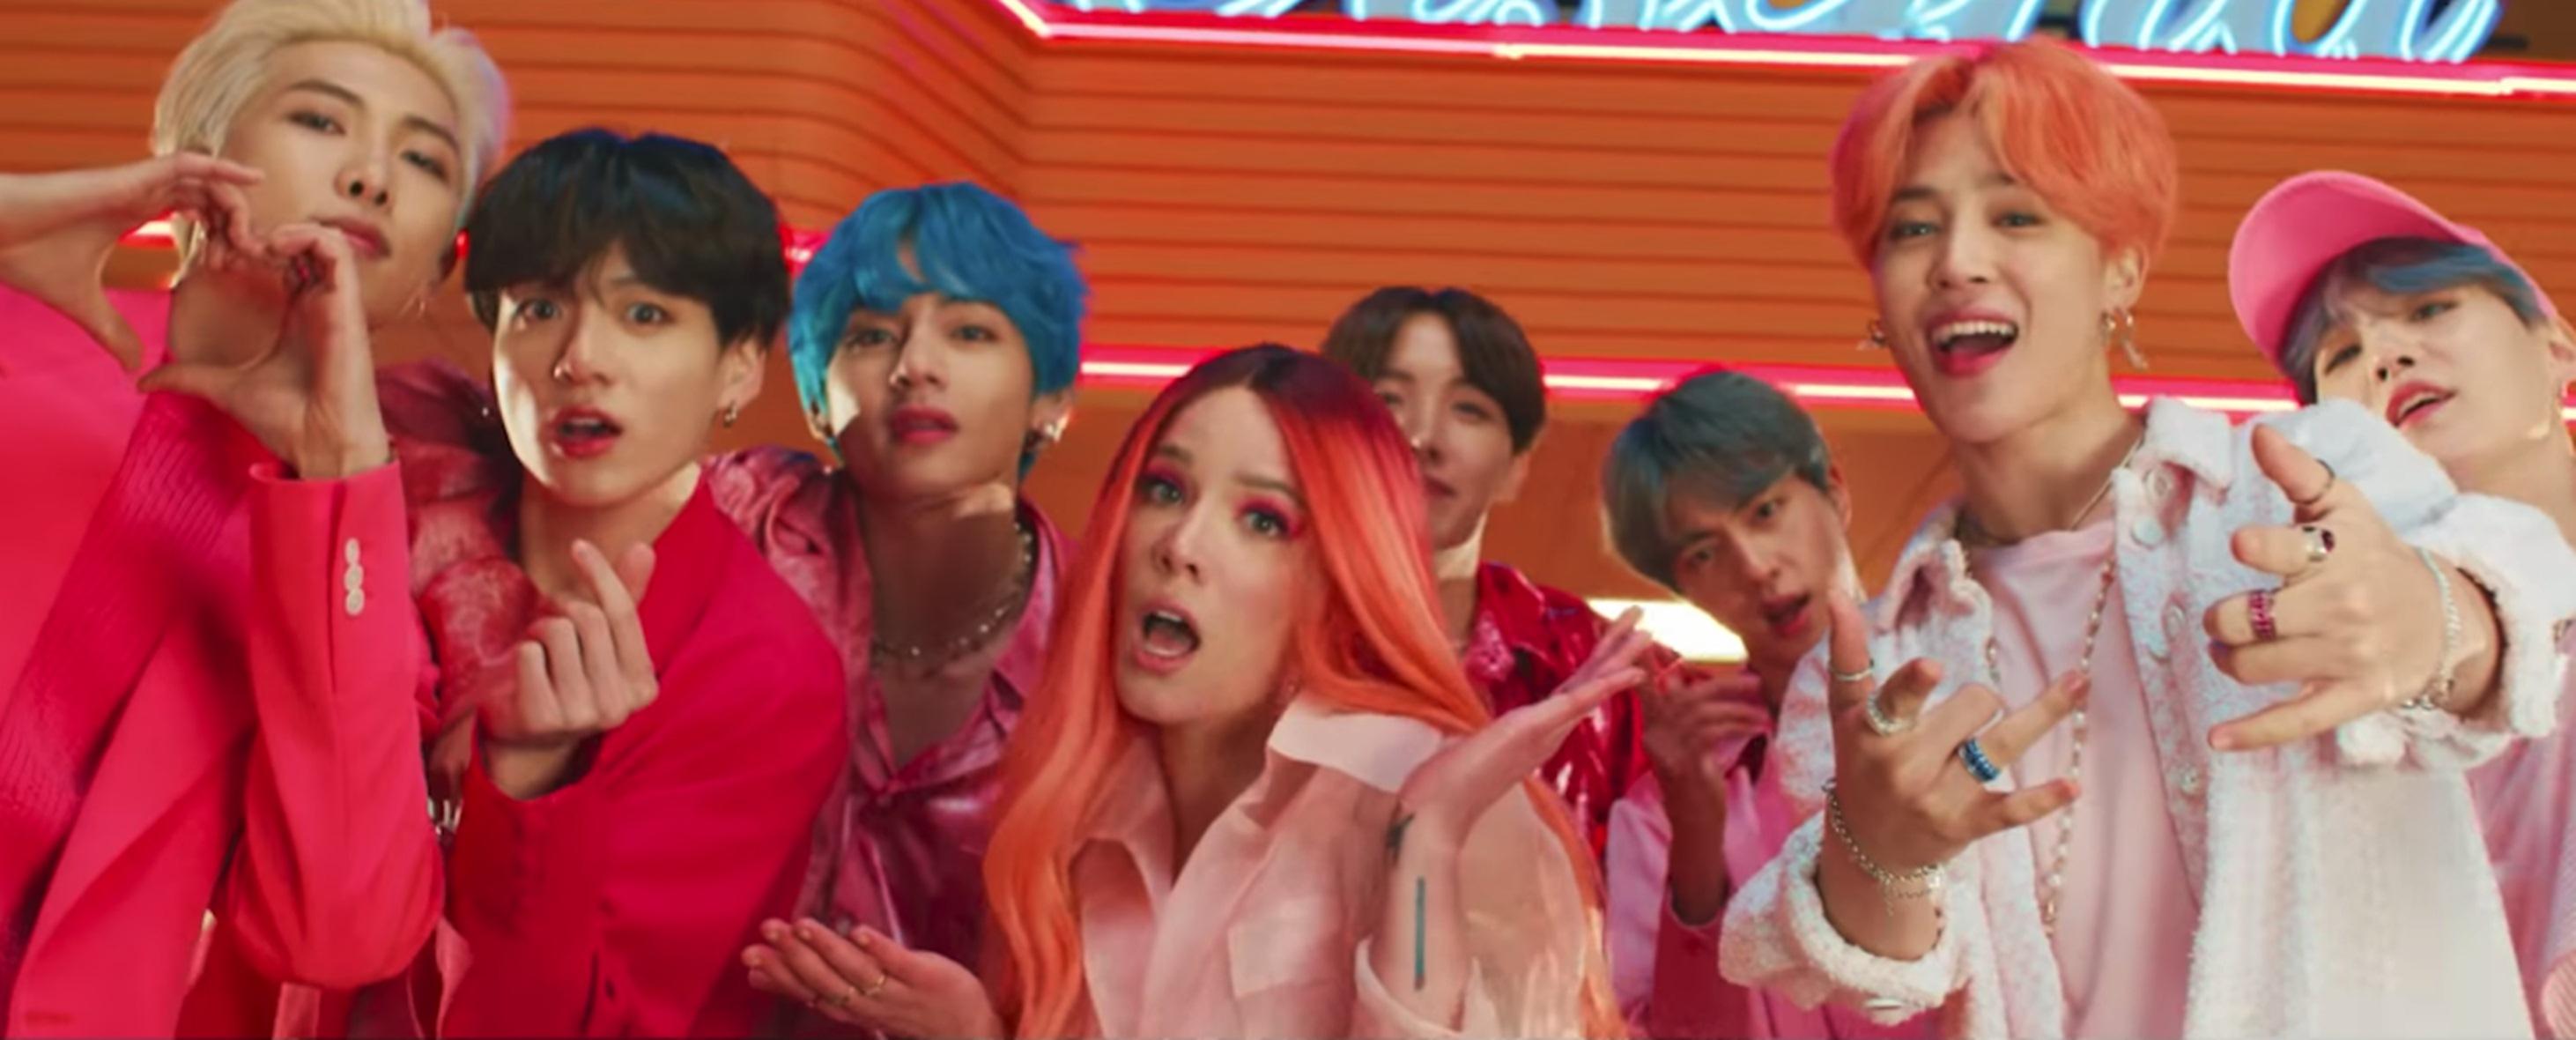 10 Lagu K-Pop Yang Siap Menemani Liburan Musim Panasmu 12